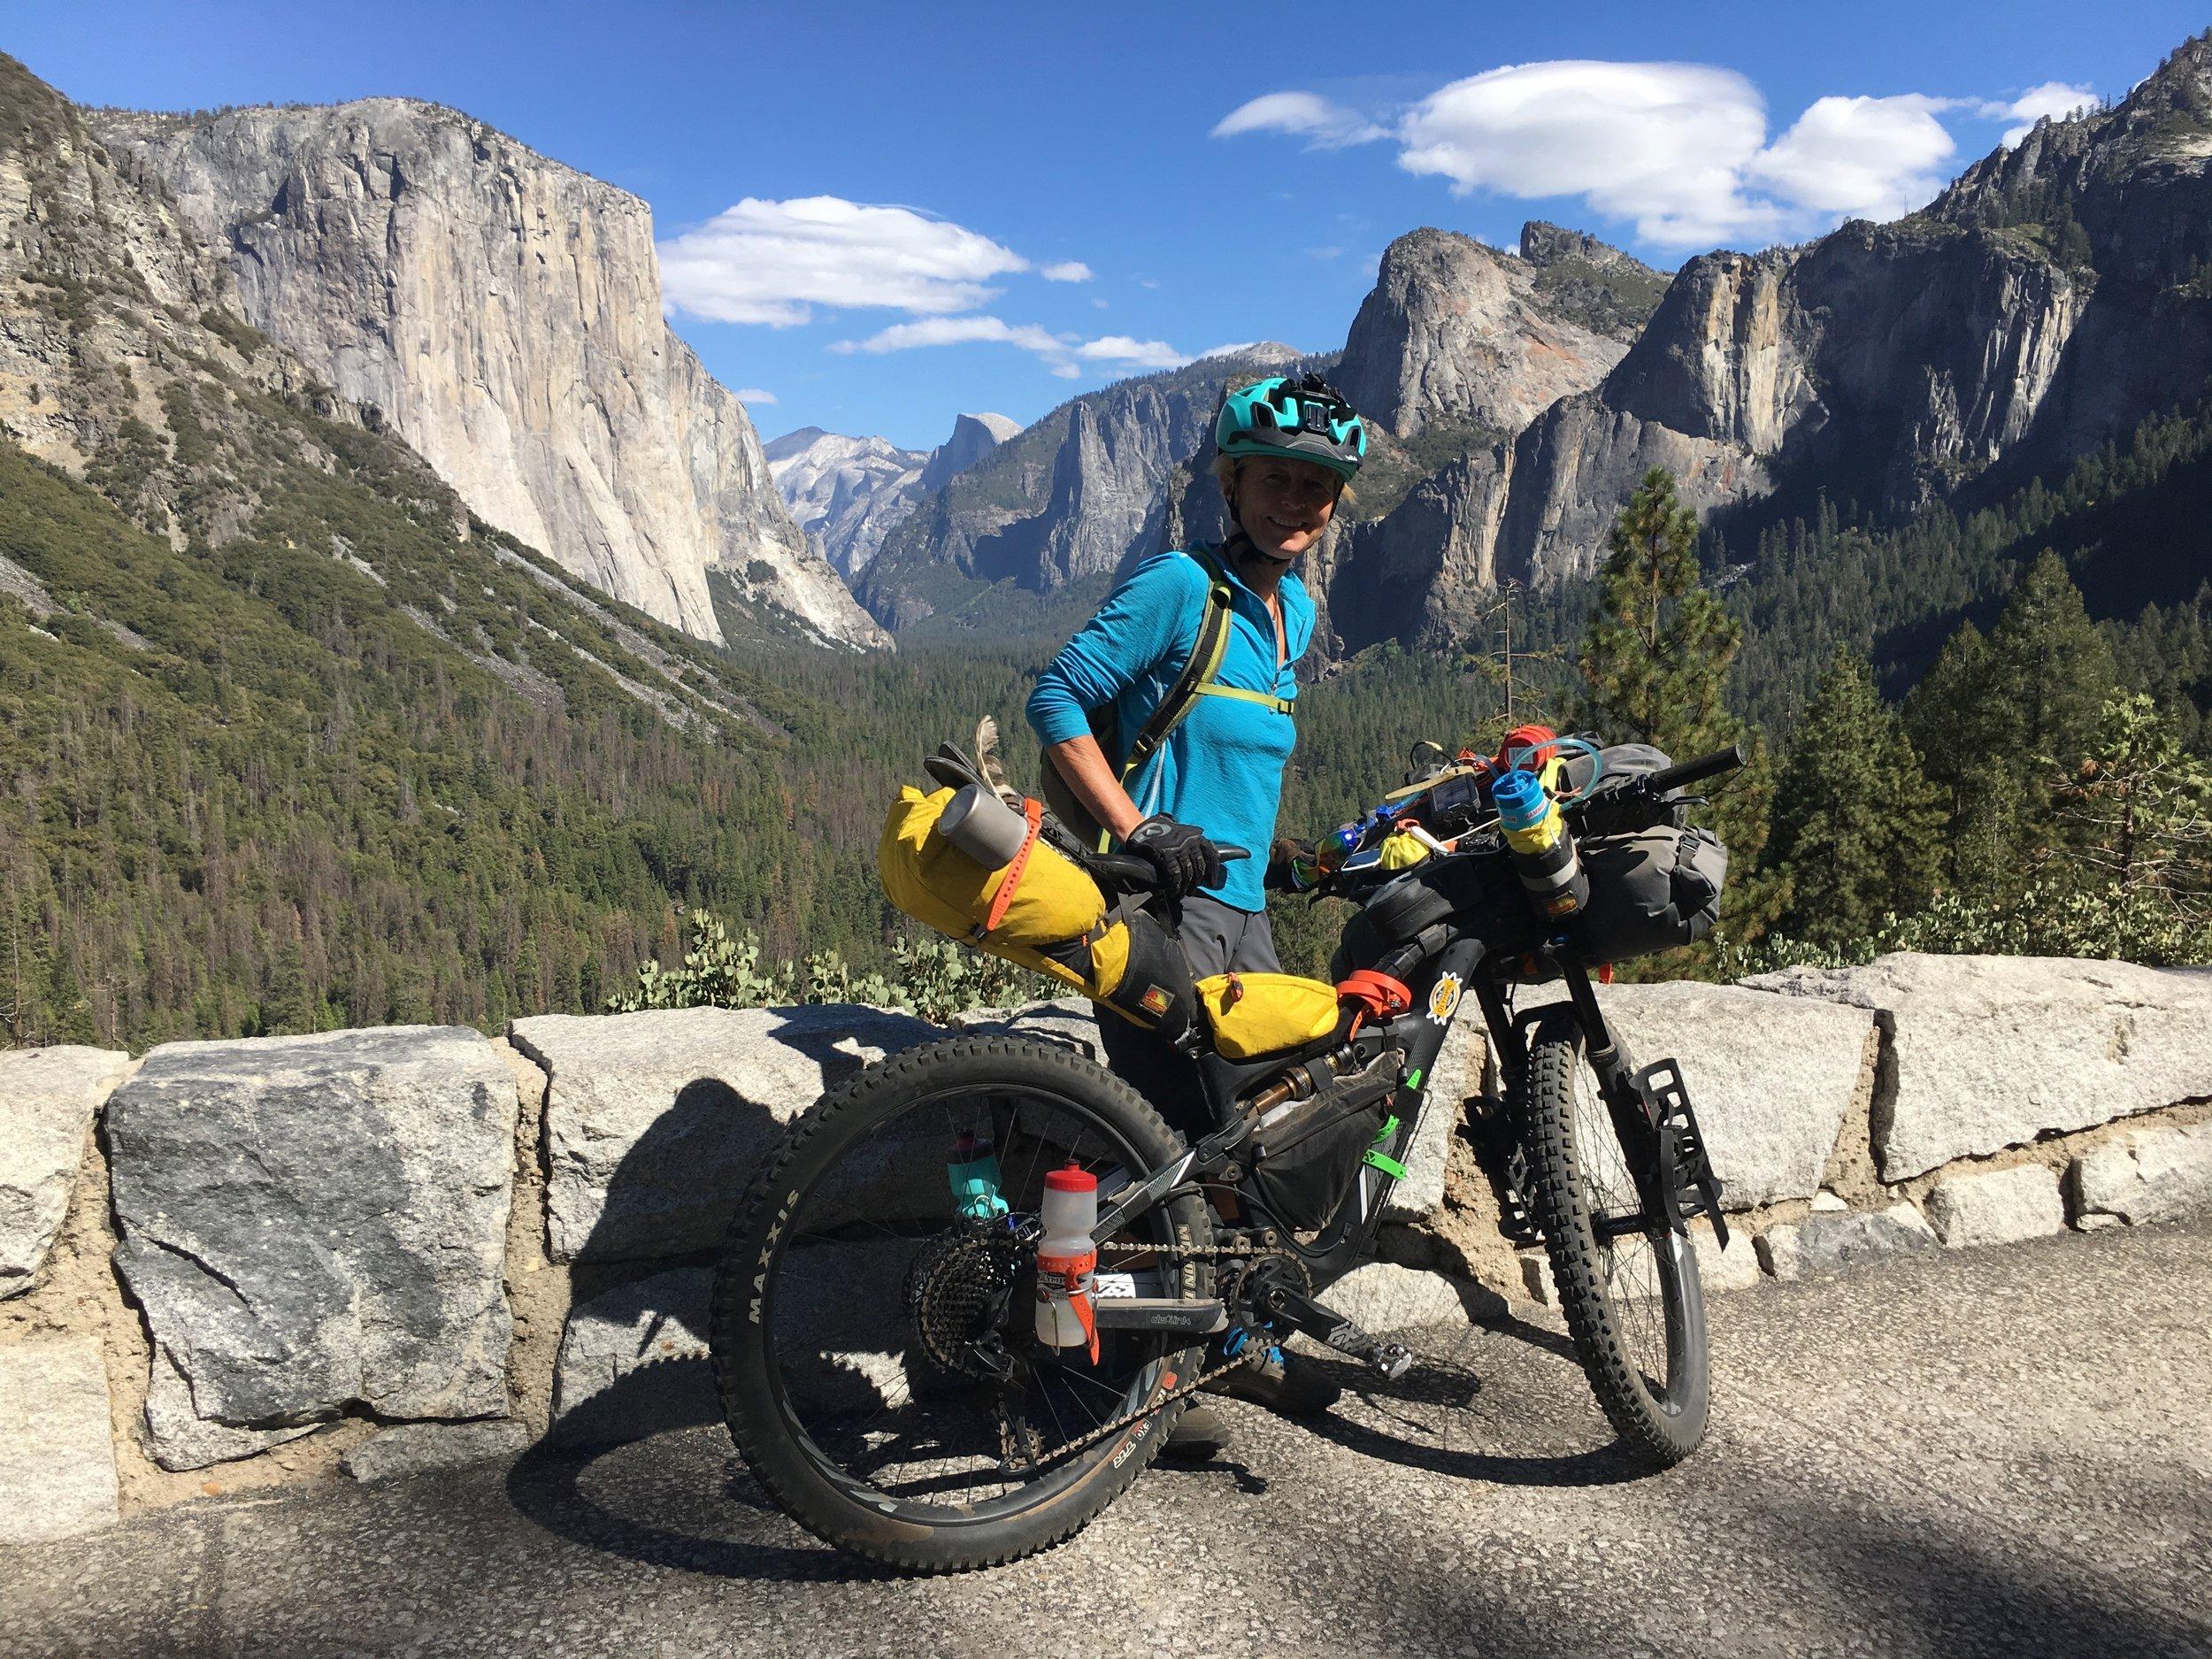 Climbing out of Yosemite